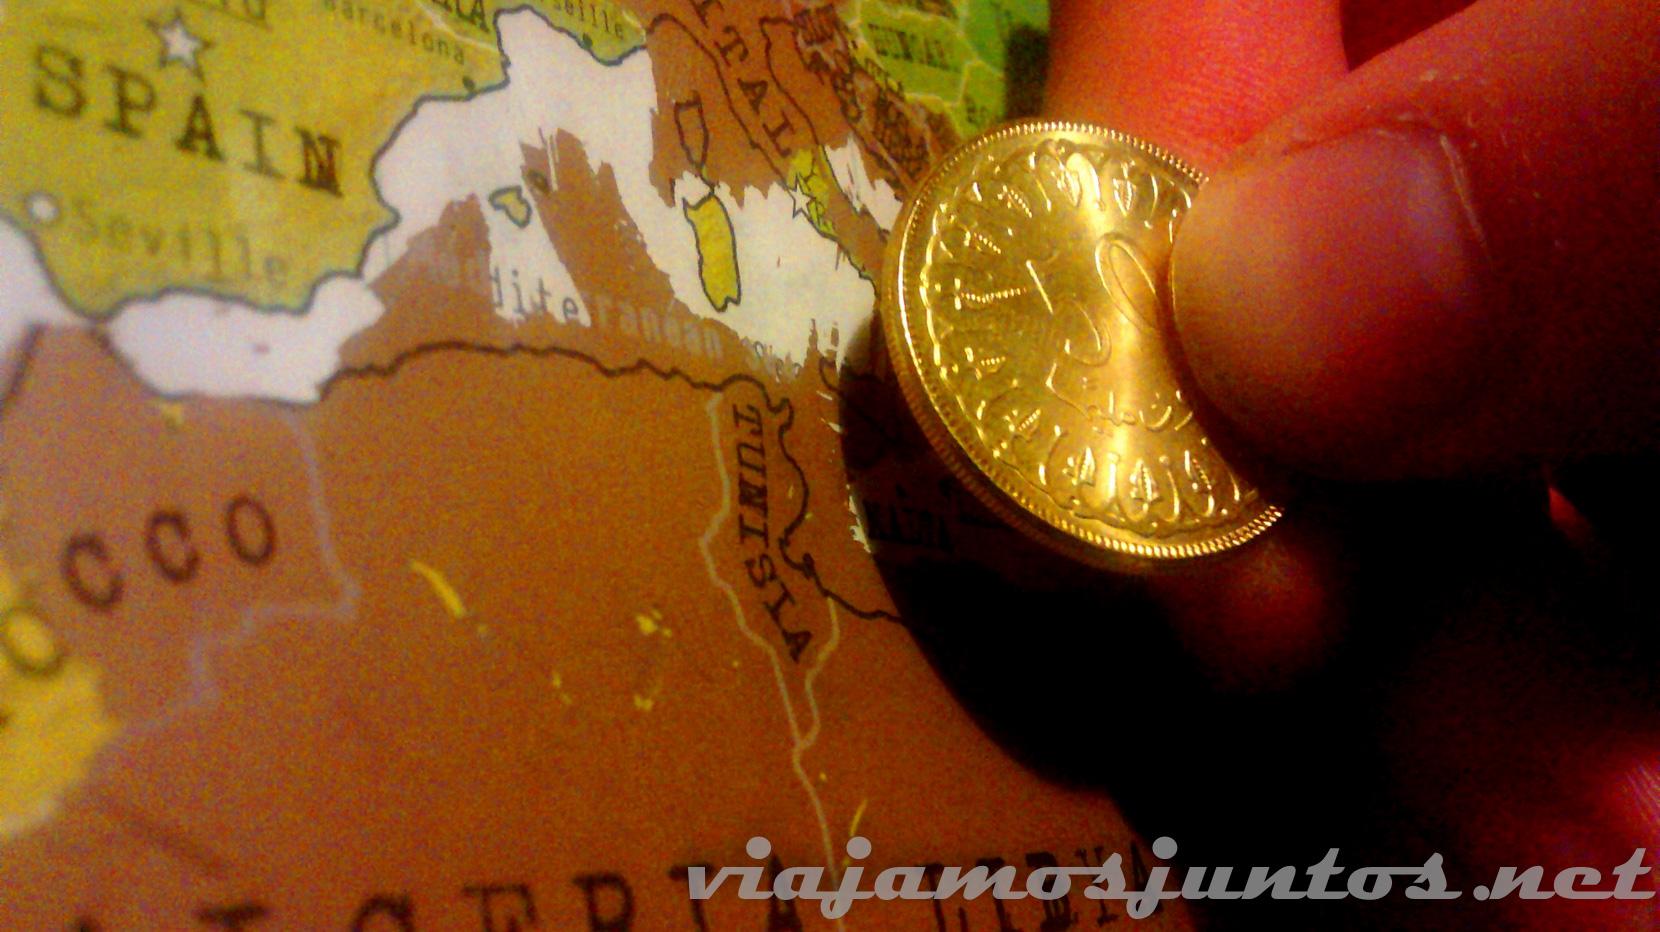 50 Milims = 1/20 parte del Dinar = 0,02 € (según el cambio actual)